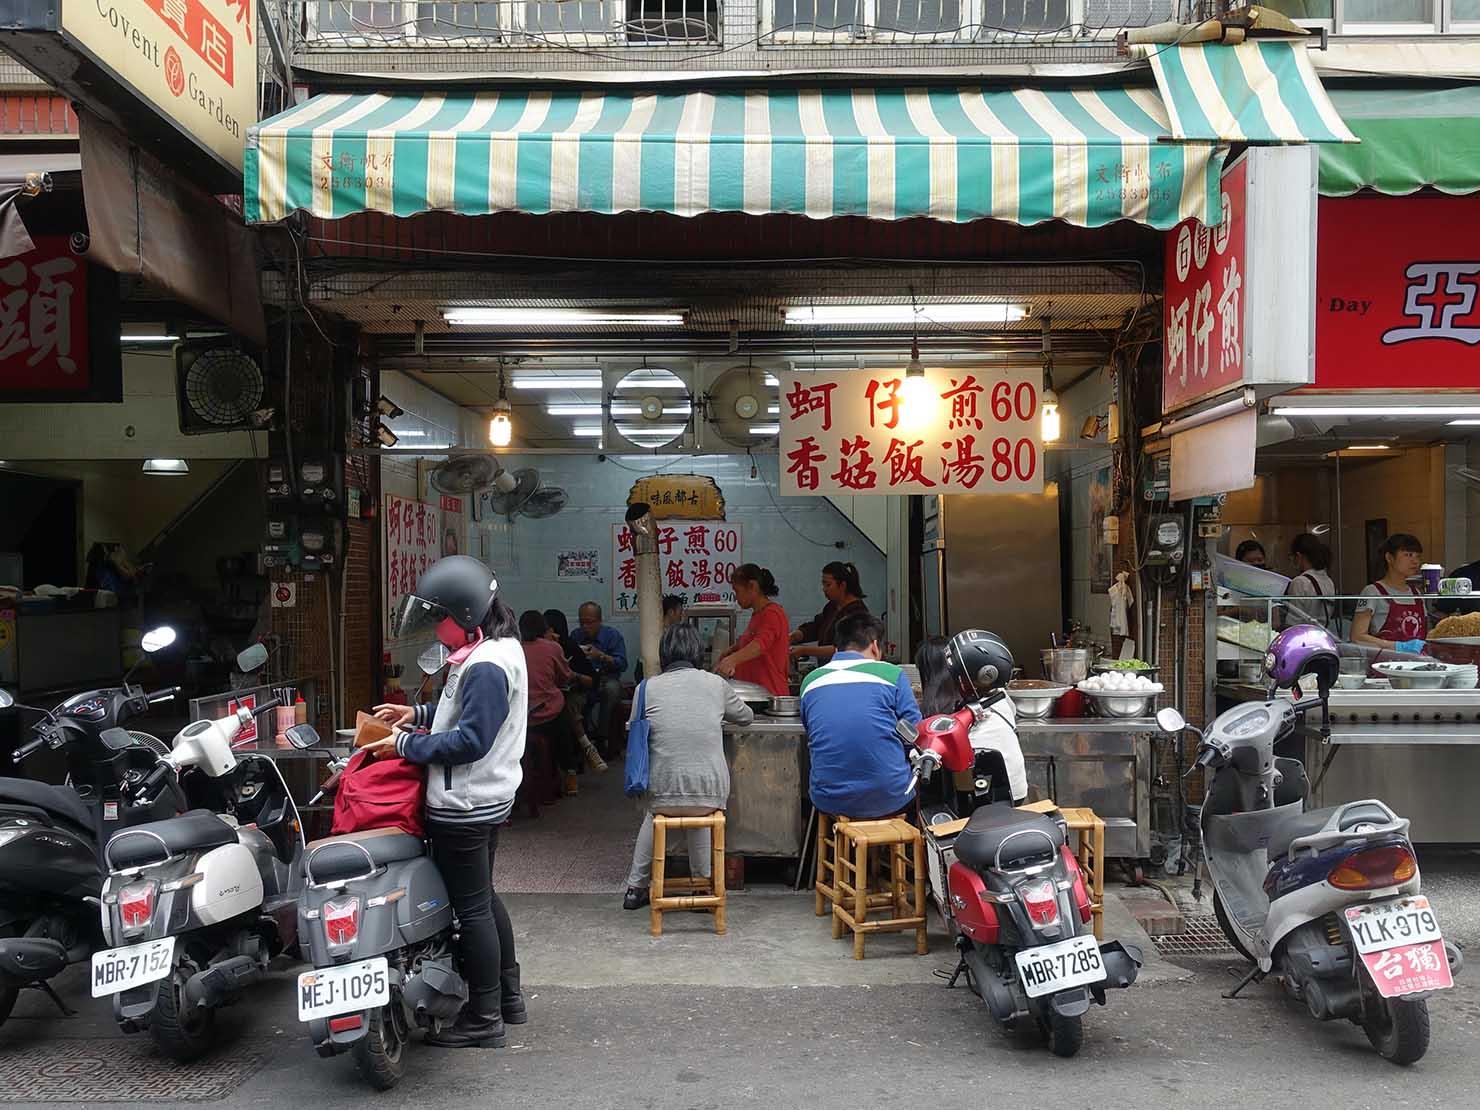 台南・永樂市場(國華街)のおすすめ台湾グルメ店「石精臼蚵仔煎」の外観